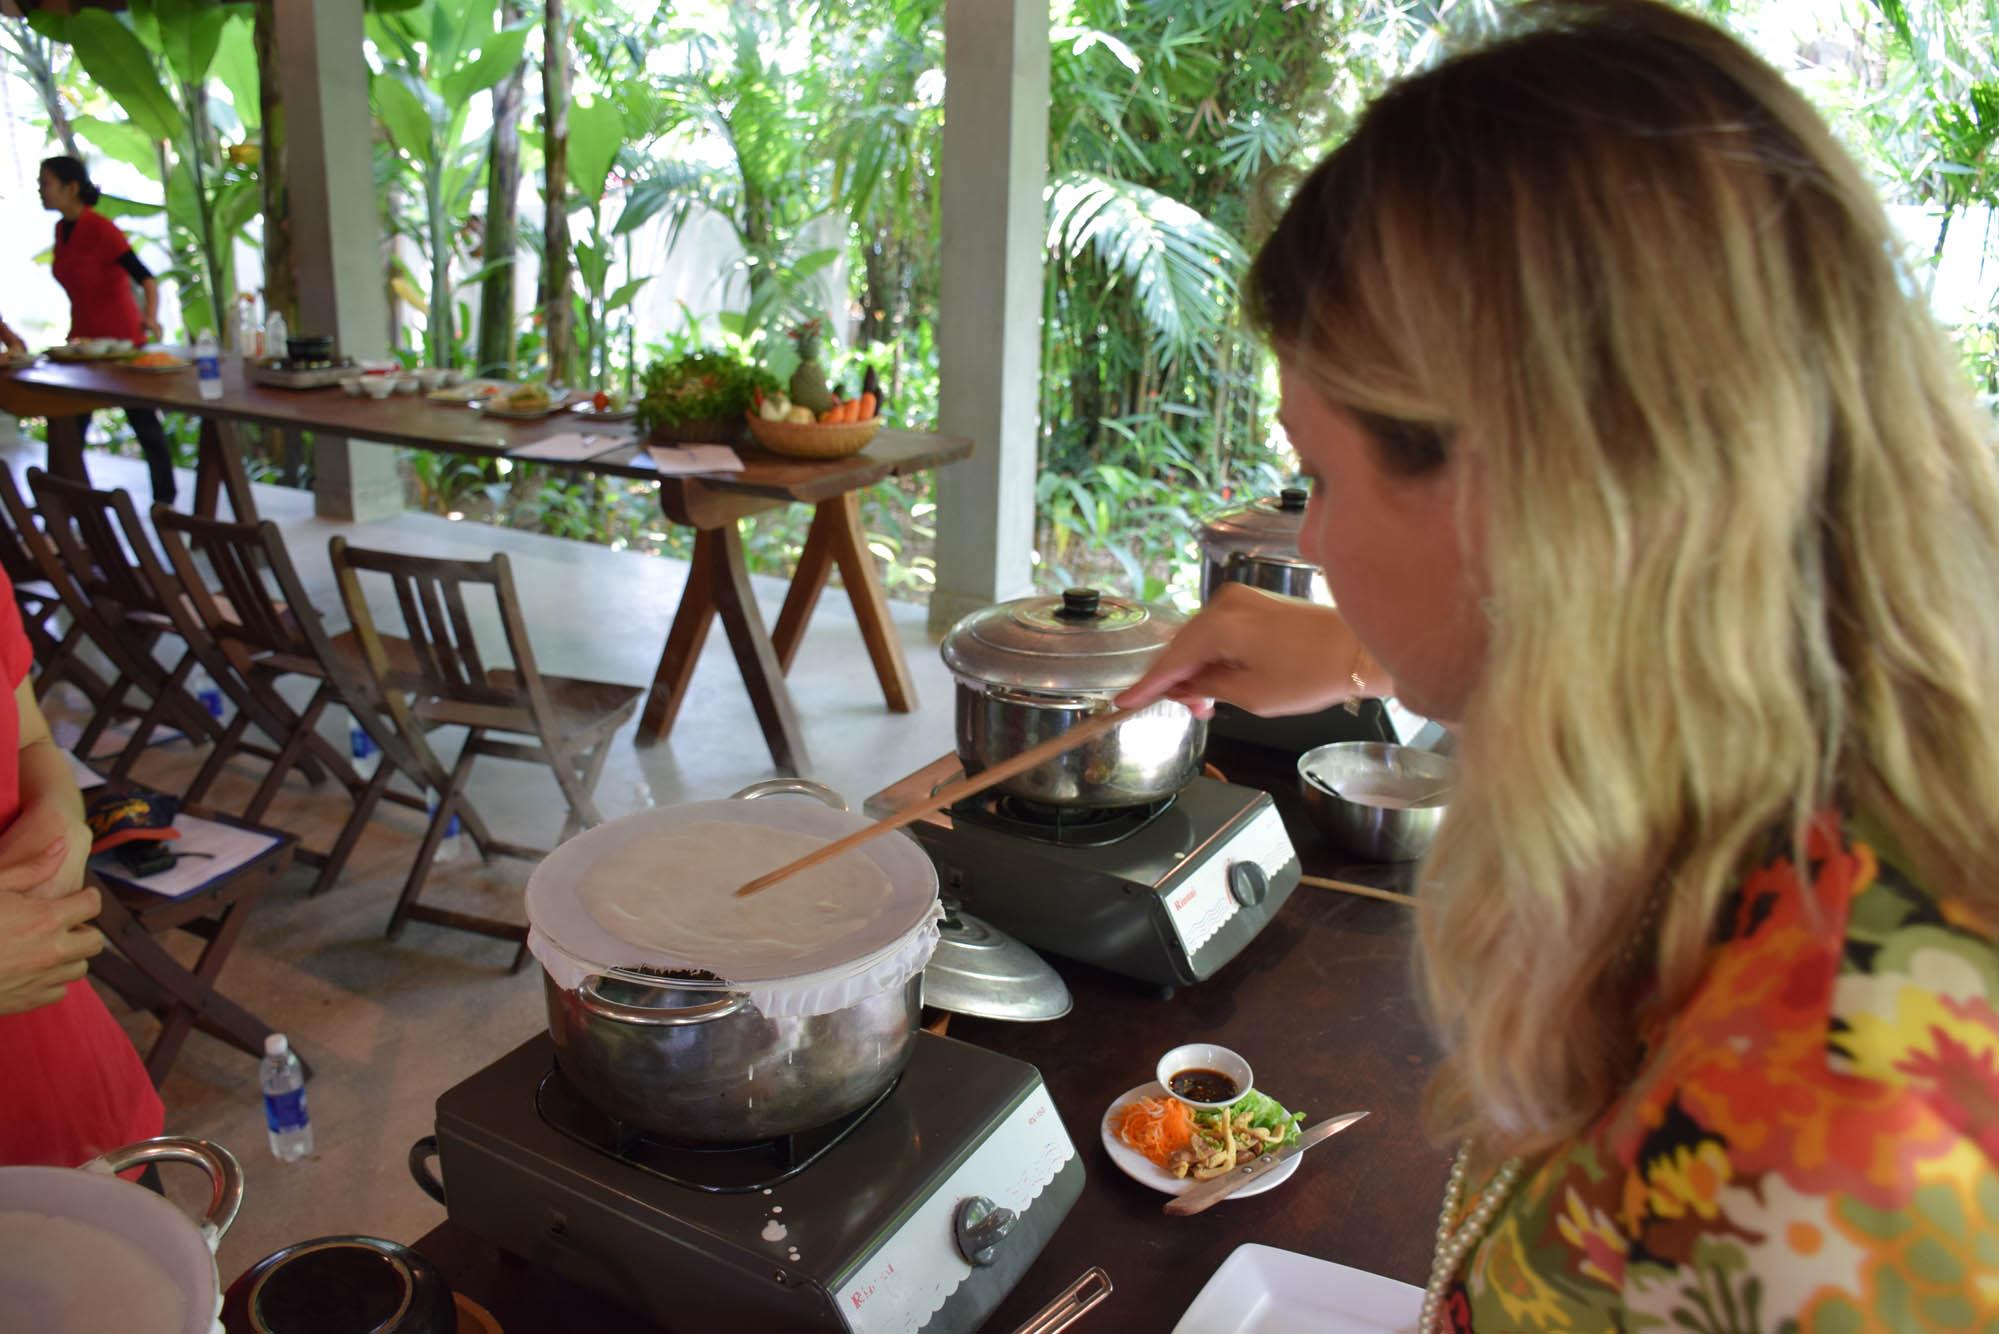 Eu fazendo papel de arroz com varinha de bambu, na aula de culinária Red Bridge em Hoi An